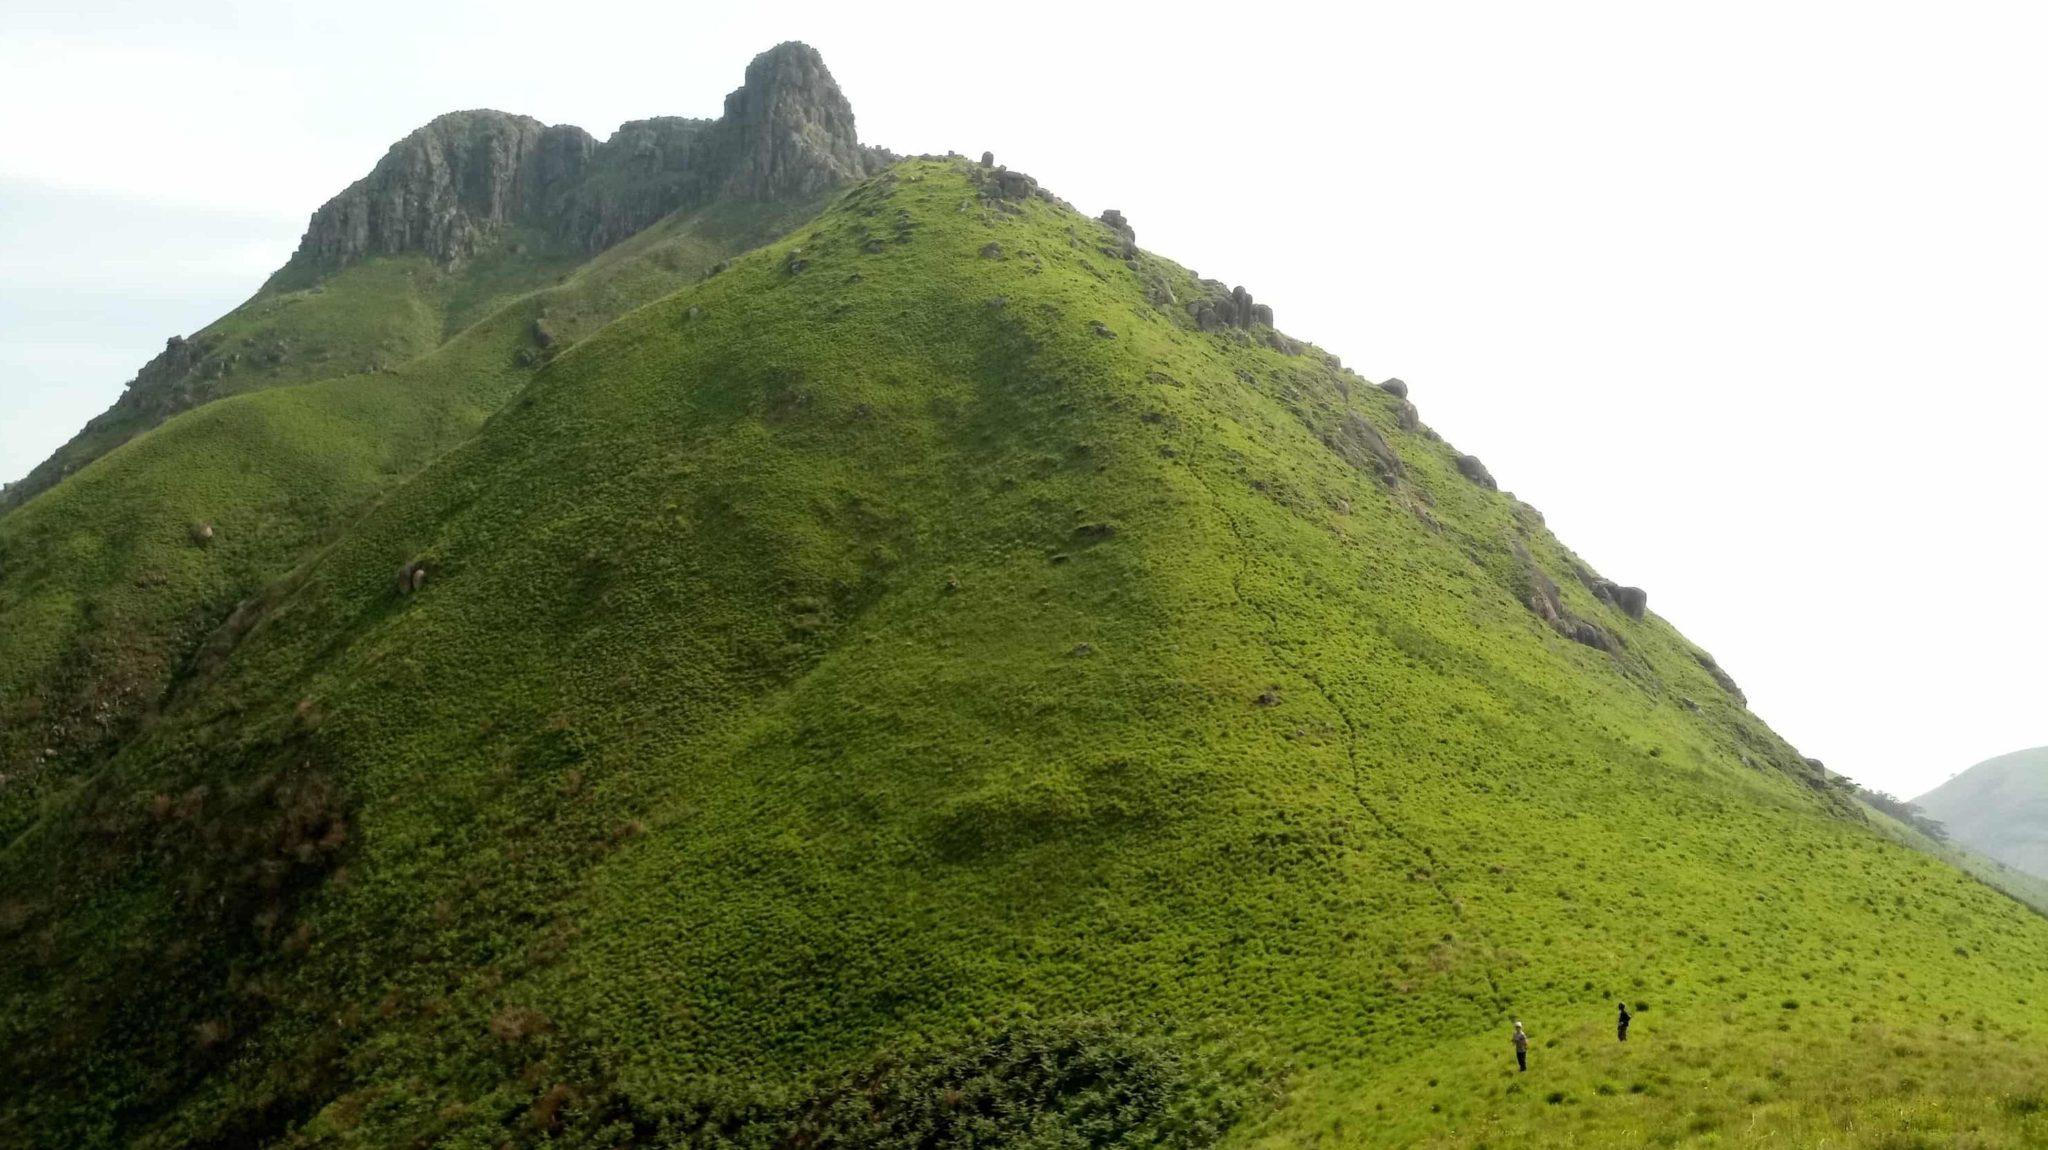 Mount Bintumani, Sierra Leone